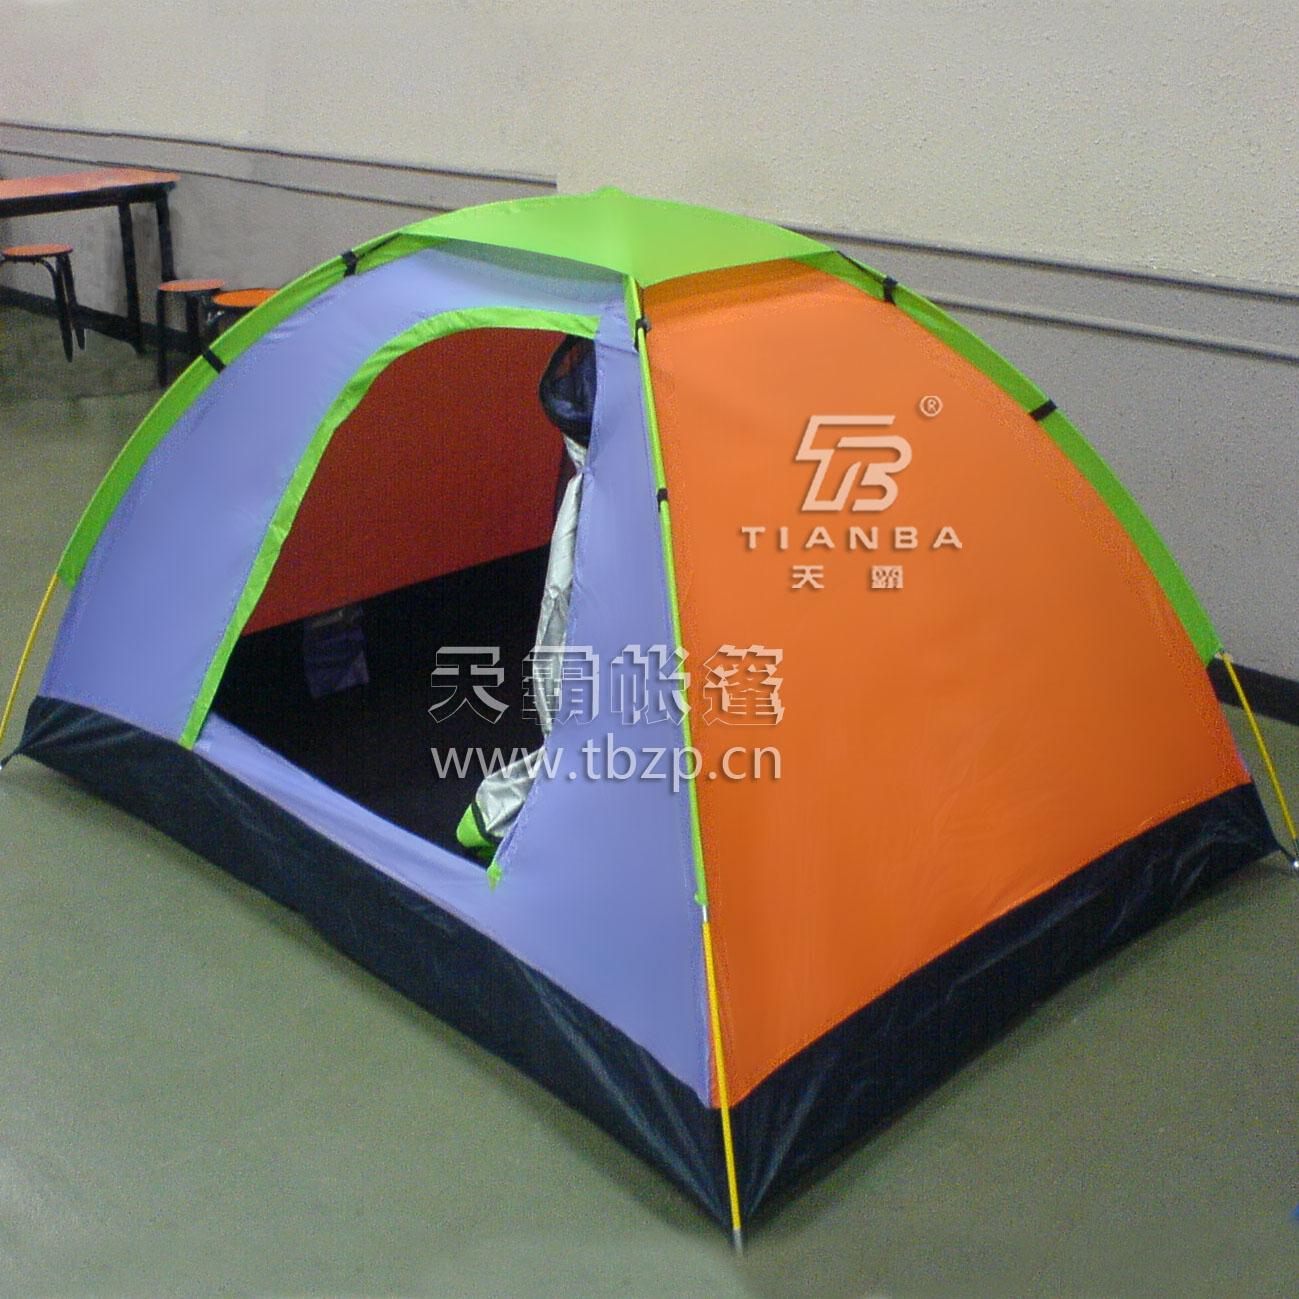 露营帐篷,旅游帐篷厂,野营帐篷价格-长沙天霸帐篷